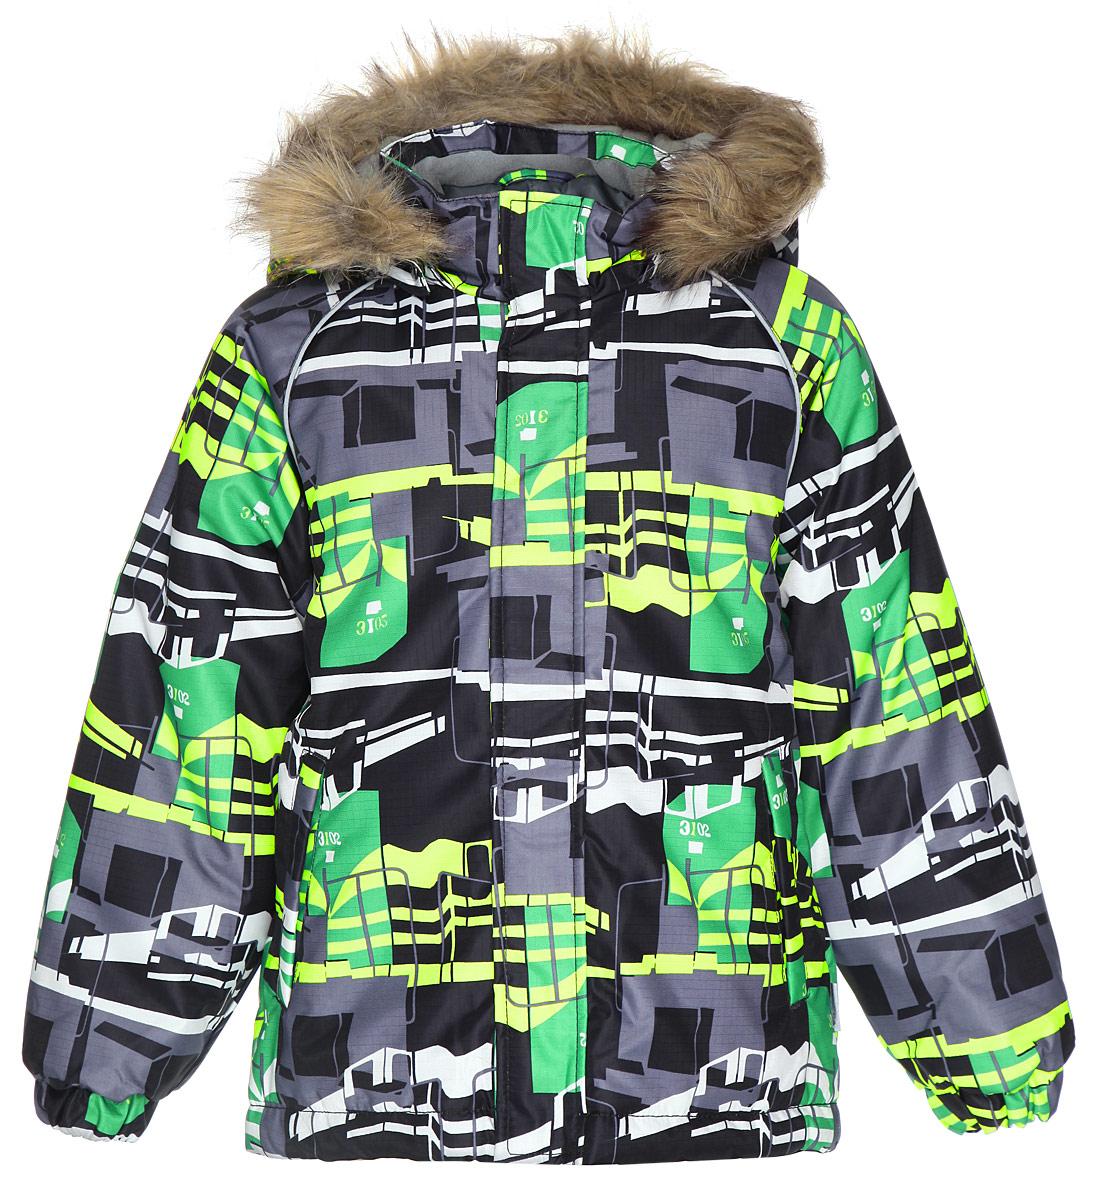 Куртка для мальчика Marinel. 1720BW00_81720BW00_876Теплая куртка для мальчика Huppa Marinel идеально подойдет для ребенка в холодное время года. Курточка изготовлена из водоотталкивающей и ветрозащитной ткани с утеплителем из HuppaTherm - 100% полиэстера. HuppaTherm - высокотехнологичный легкий синтетический утеплитель нового поколения. Уникальная структура микроволокон не позволяет проникнуть холодному воздуху, в то же время, удерживая теплый воздух между волокнами, обеспечивая высокую теплоизоляцию изделия. Полиуретан с микропорами препятствует прохождению воды и ветра сквозь ткань внутрь изделия, в то же время, позволяя испаряться выделяемой телом влаге. Для максимальной влагонепроницаемости изделия основные швы проклеены водостойкой лентой. Сплетения волокон в тканях выполнены по специальной технологии, которая придает ткани прочность и предохраняет от истирания. В качестве подкладки используется 100% полиэстер. Куртка с капюшоном и рукавами-реглан застегивается на пластиковую застежку-молнию и дополнительно имеет внутреннюю...